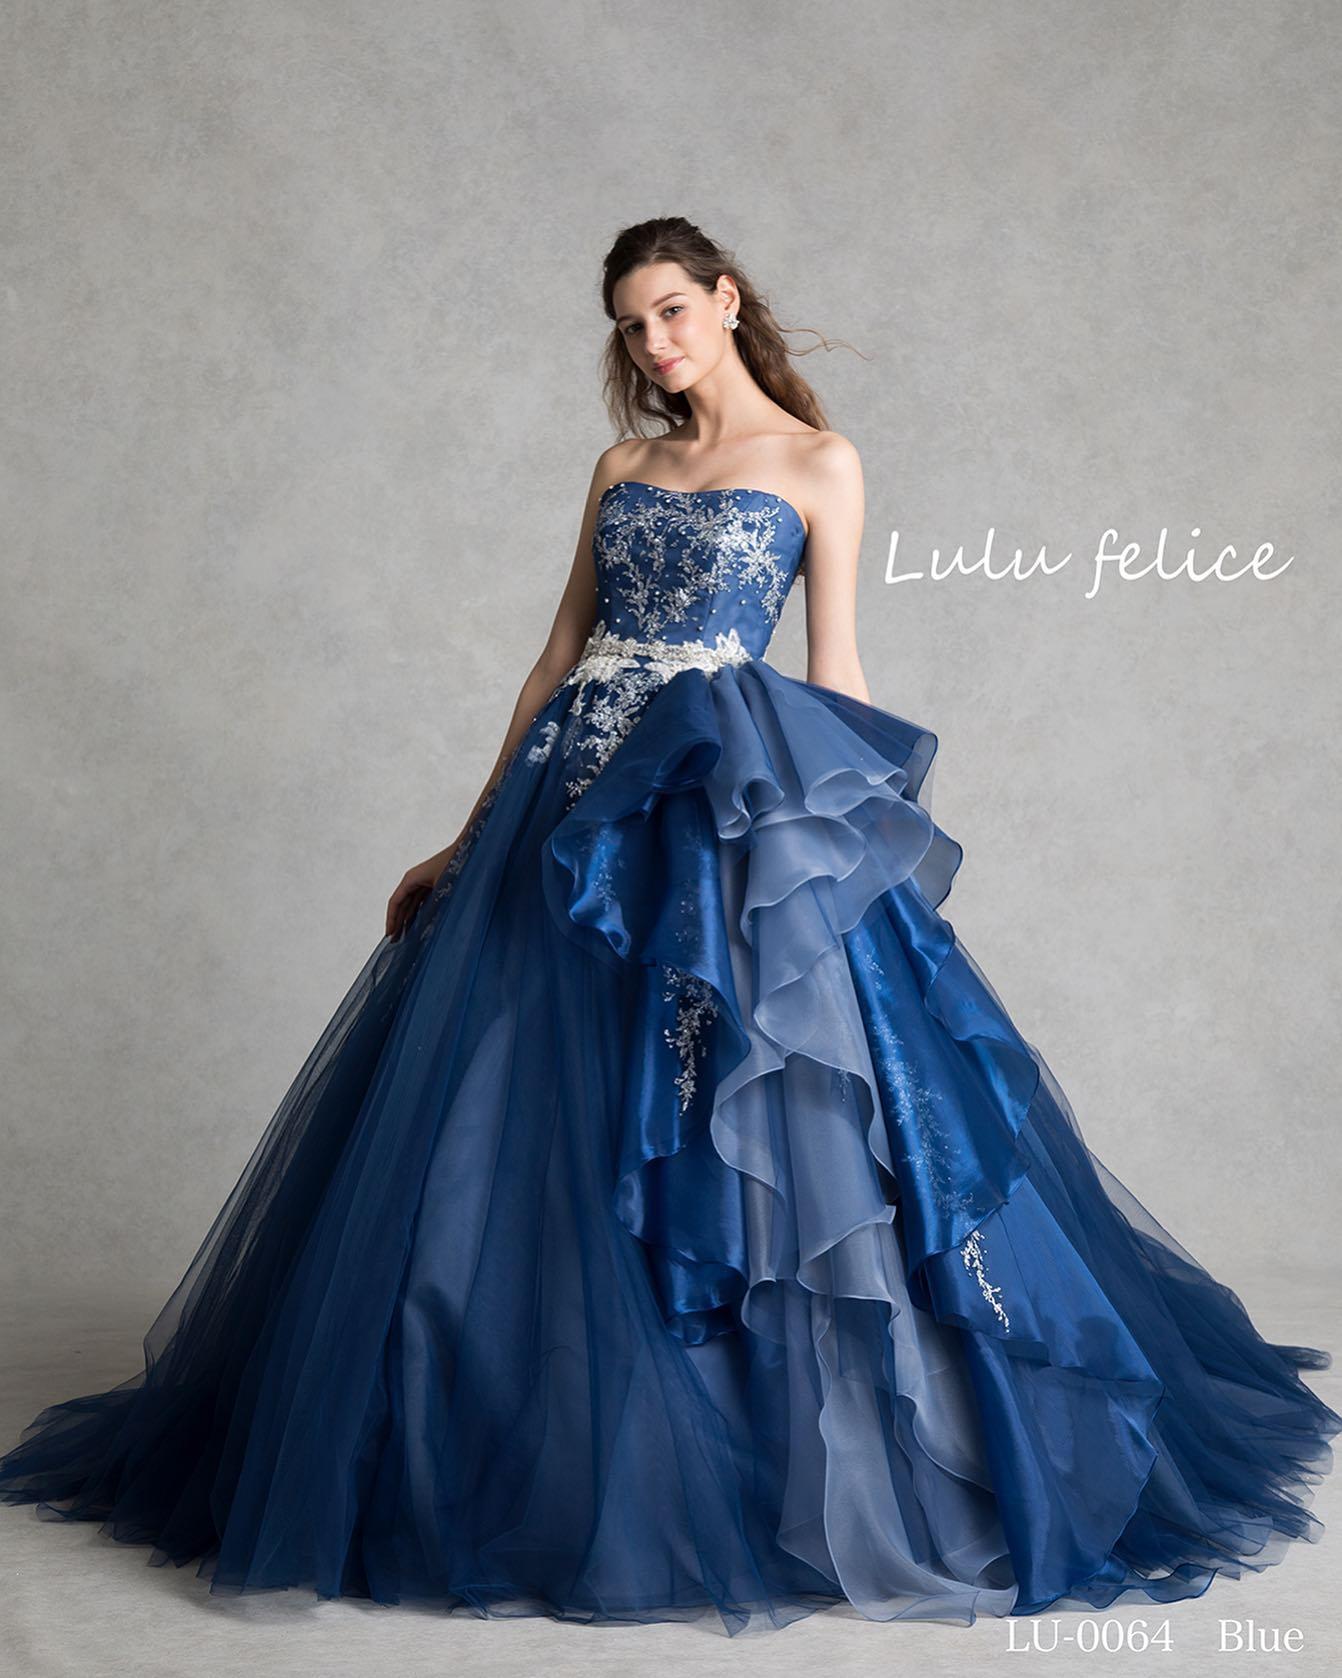 本日はLuLu felice(ルル フェリーチェ)のカラードレスをご紹介・刺繍はシルバーグリッターデザインフリルは取り外し可能な2way腰フリルにしても可愛いデザインです・自分好みのコーディネートを楽しみましょうご予約お待ちしております・【Lulu felice】CD0359 blue LU0064レンタル価格:220,000・#wedding #weddingdress #bridalhiro  #lulufelice#ウェディングドレス #プレ花嫁 #ドレス試着 #2021夏婚 #2021冬婚 #ヘアメイク #結婚式  #ドレス選び #前撮り #後撮り #フォトウェディング #ウェディングヘア  #フォト婚 #前撮り写真 #ブライダルフォト #カップルフォト #ウェディングドレス探し #ウェディングドレス試着 #レンタルドレス #ドレスショップ #家族婚 #ブライダルヒロ #ゼクシィ #プリンセスライン #ドレス迷子 #ルルフェリーチェ